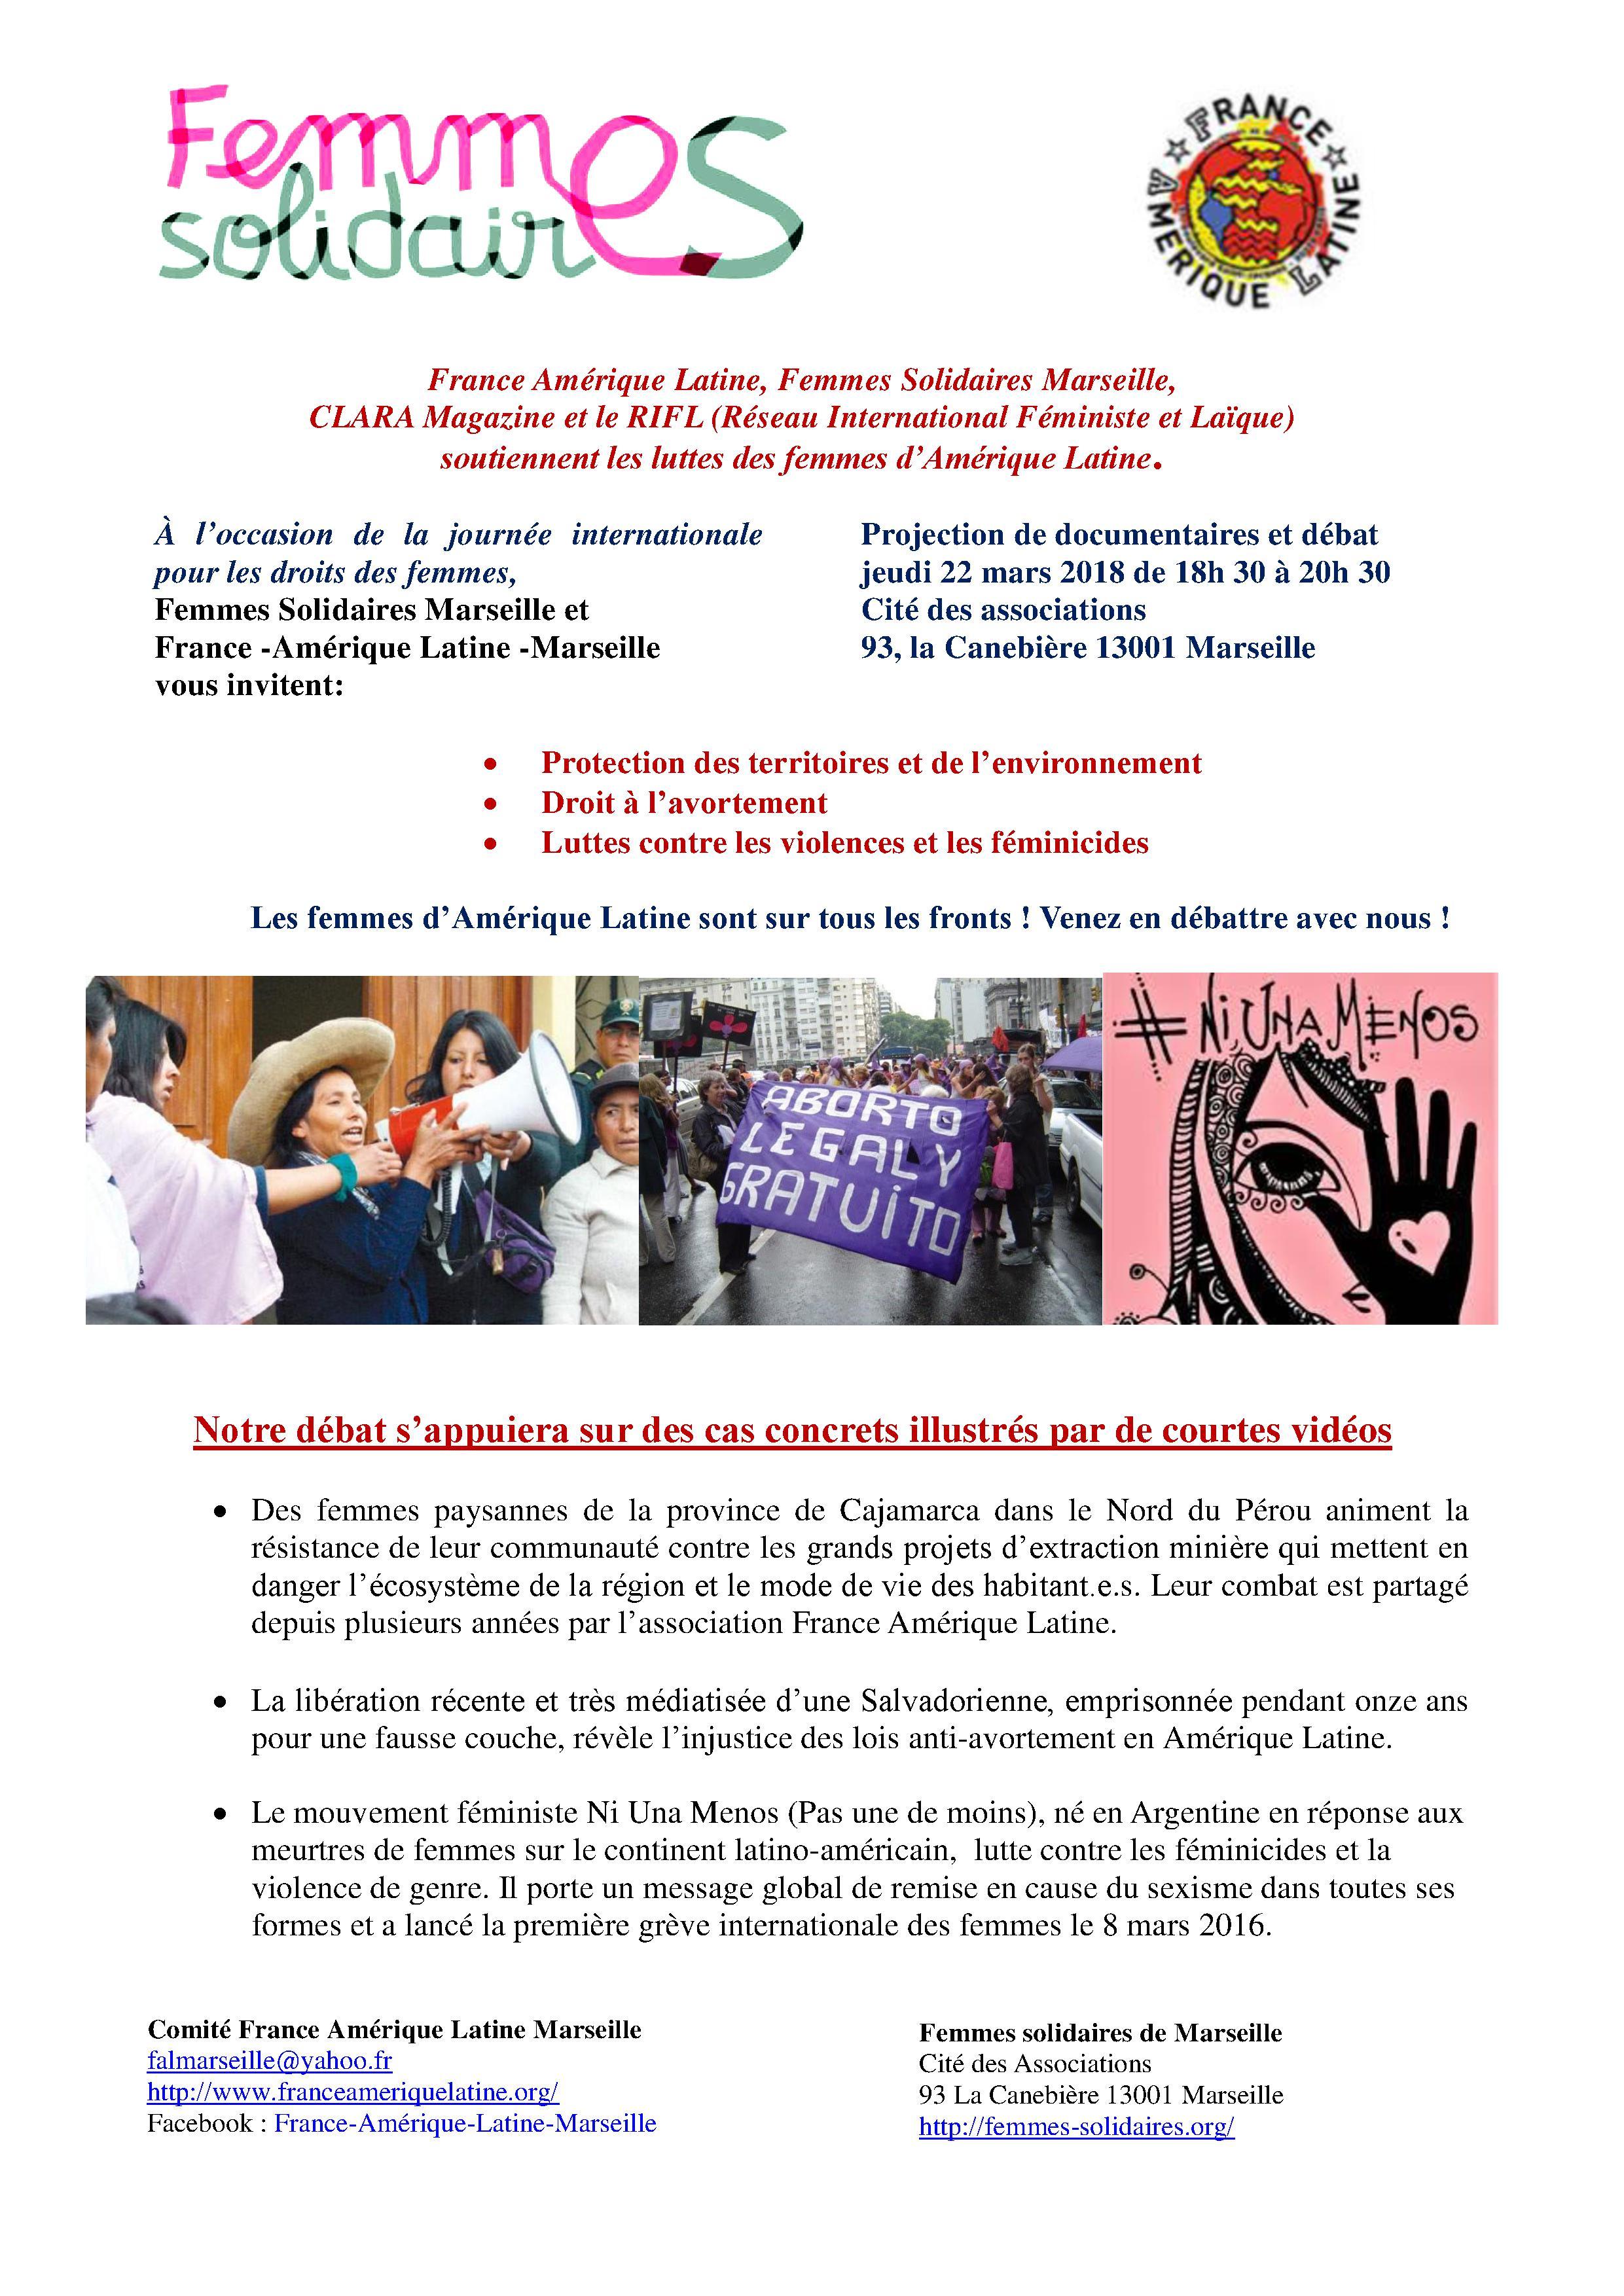 Femmes Solidaires Marseille et  FAL-Marseille: projection-débat sur les luttes des femmes latino-américaines: jeudi 22 mars 2018 18h 30 Cité des associations